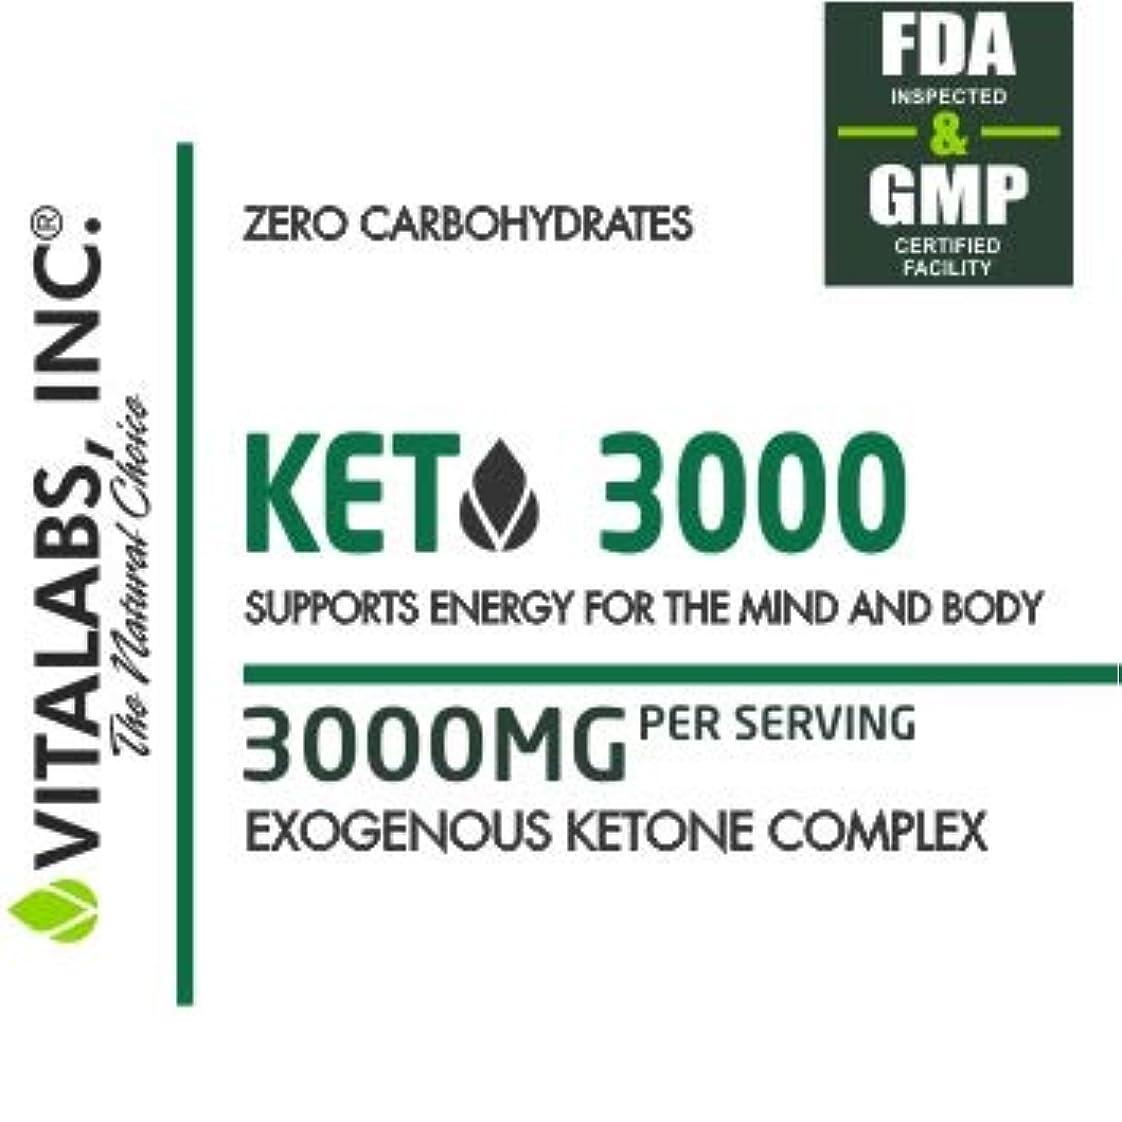 勃起アテンダントマトリックス低炭水化物状態を作る/ケトジェニックダイエットサポートサプリメント KETO 3000/ Vitalabs 【アメリカより直送】 (120カプセル(30回分))